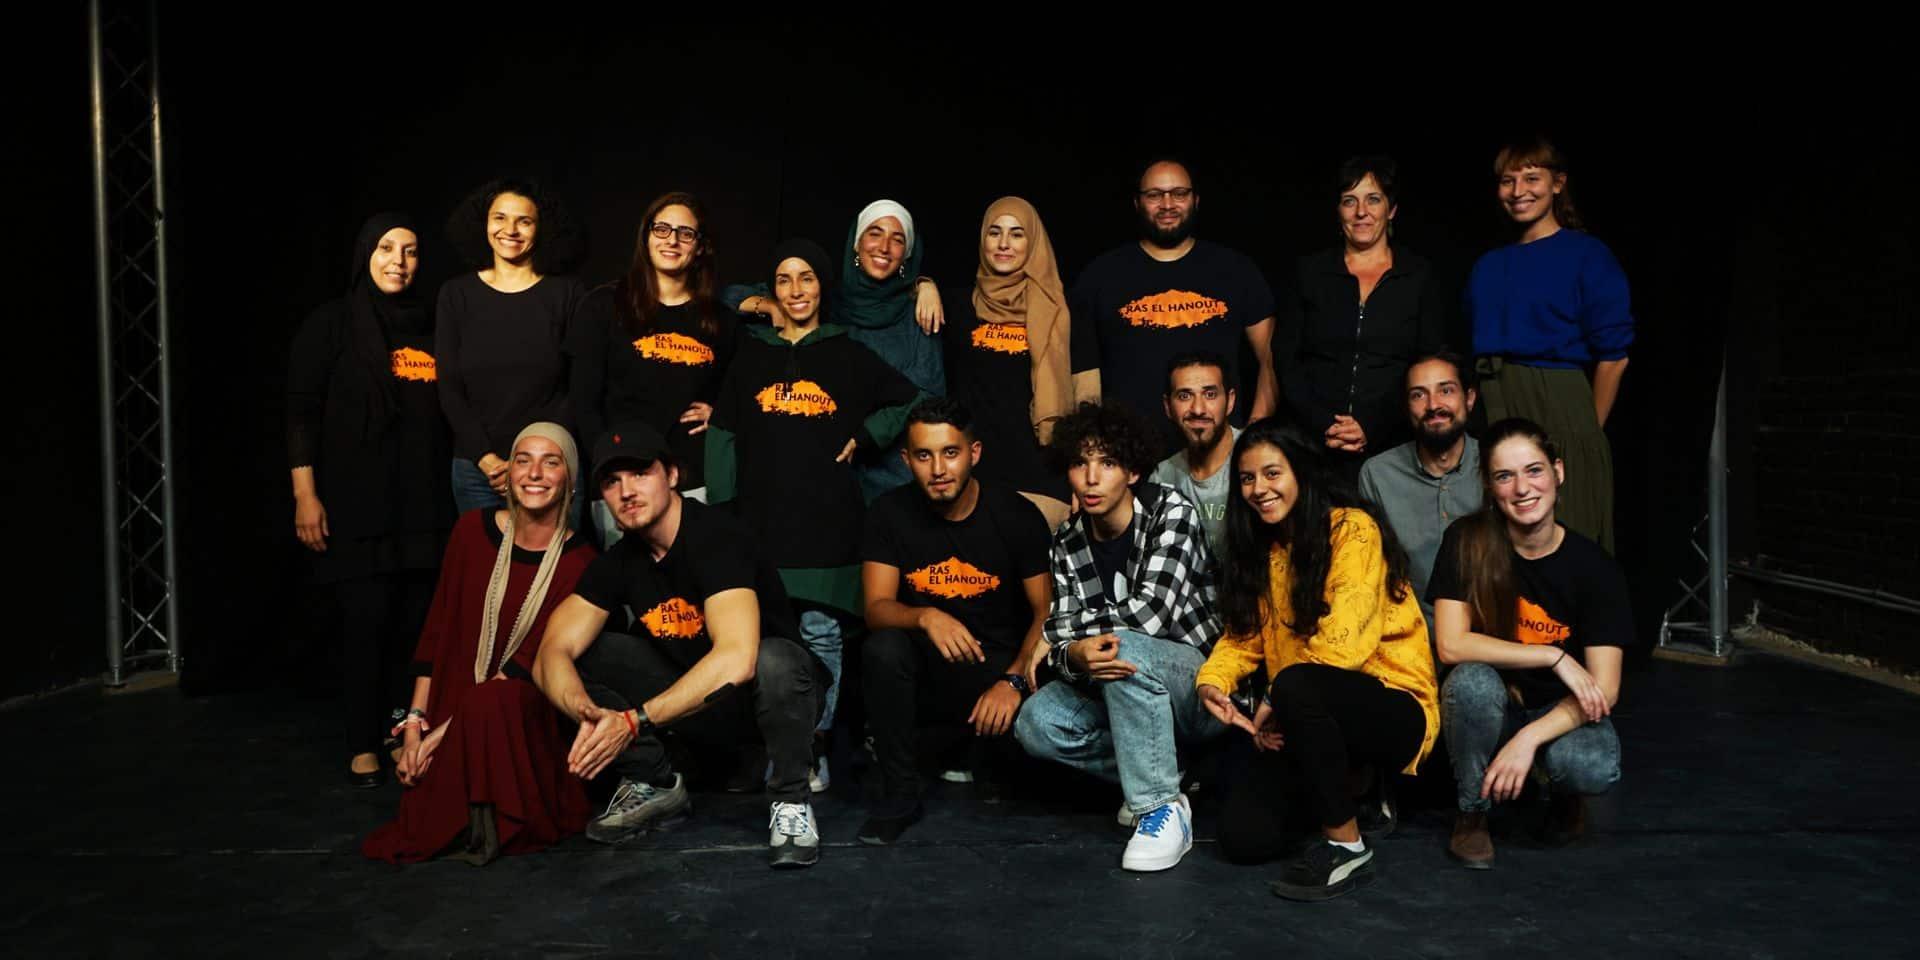 La troupe de théâtre Ras El Hanout s'installe à Tour & Taxis